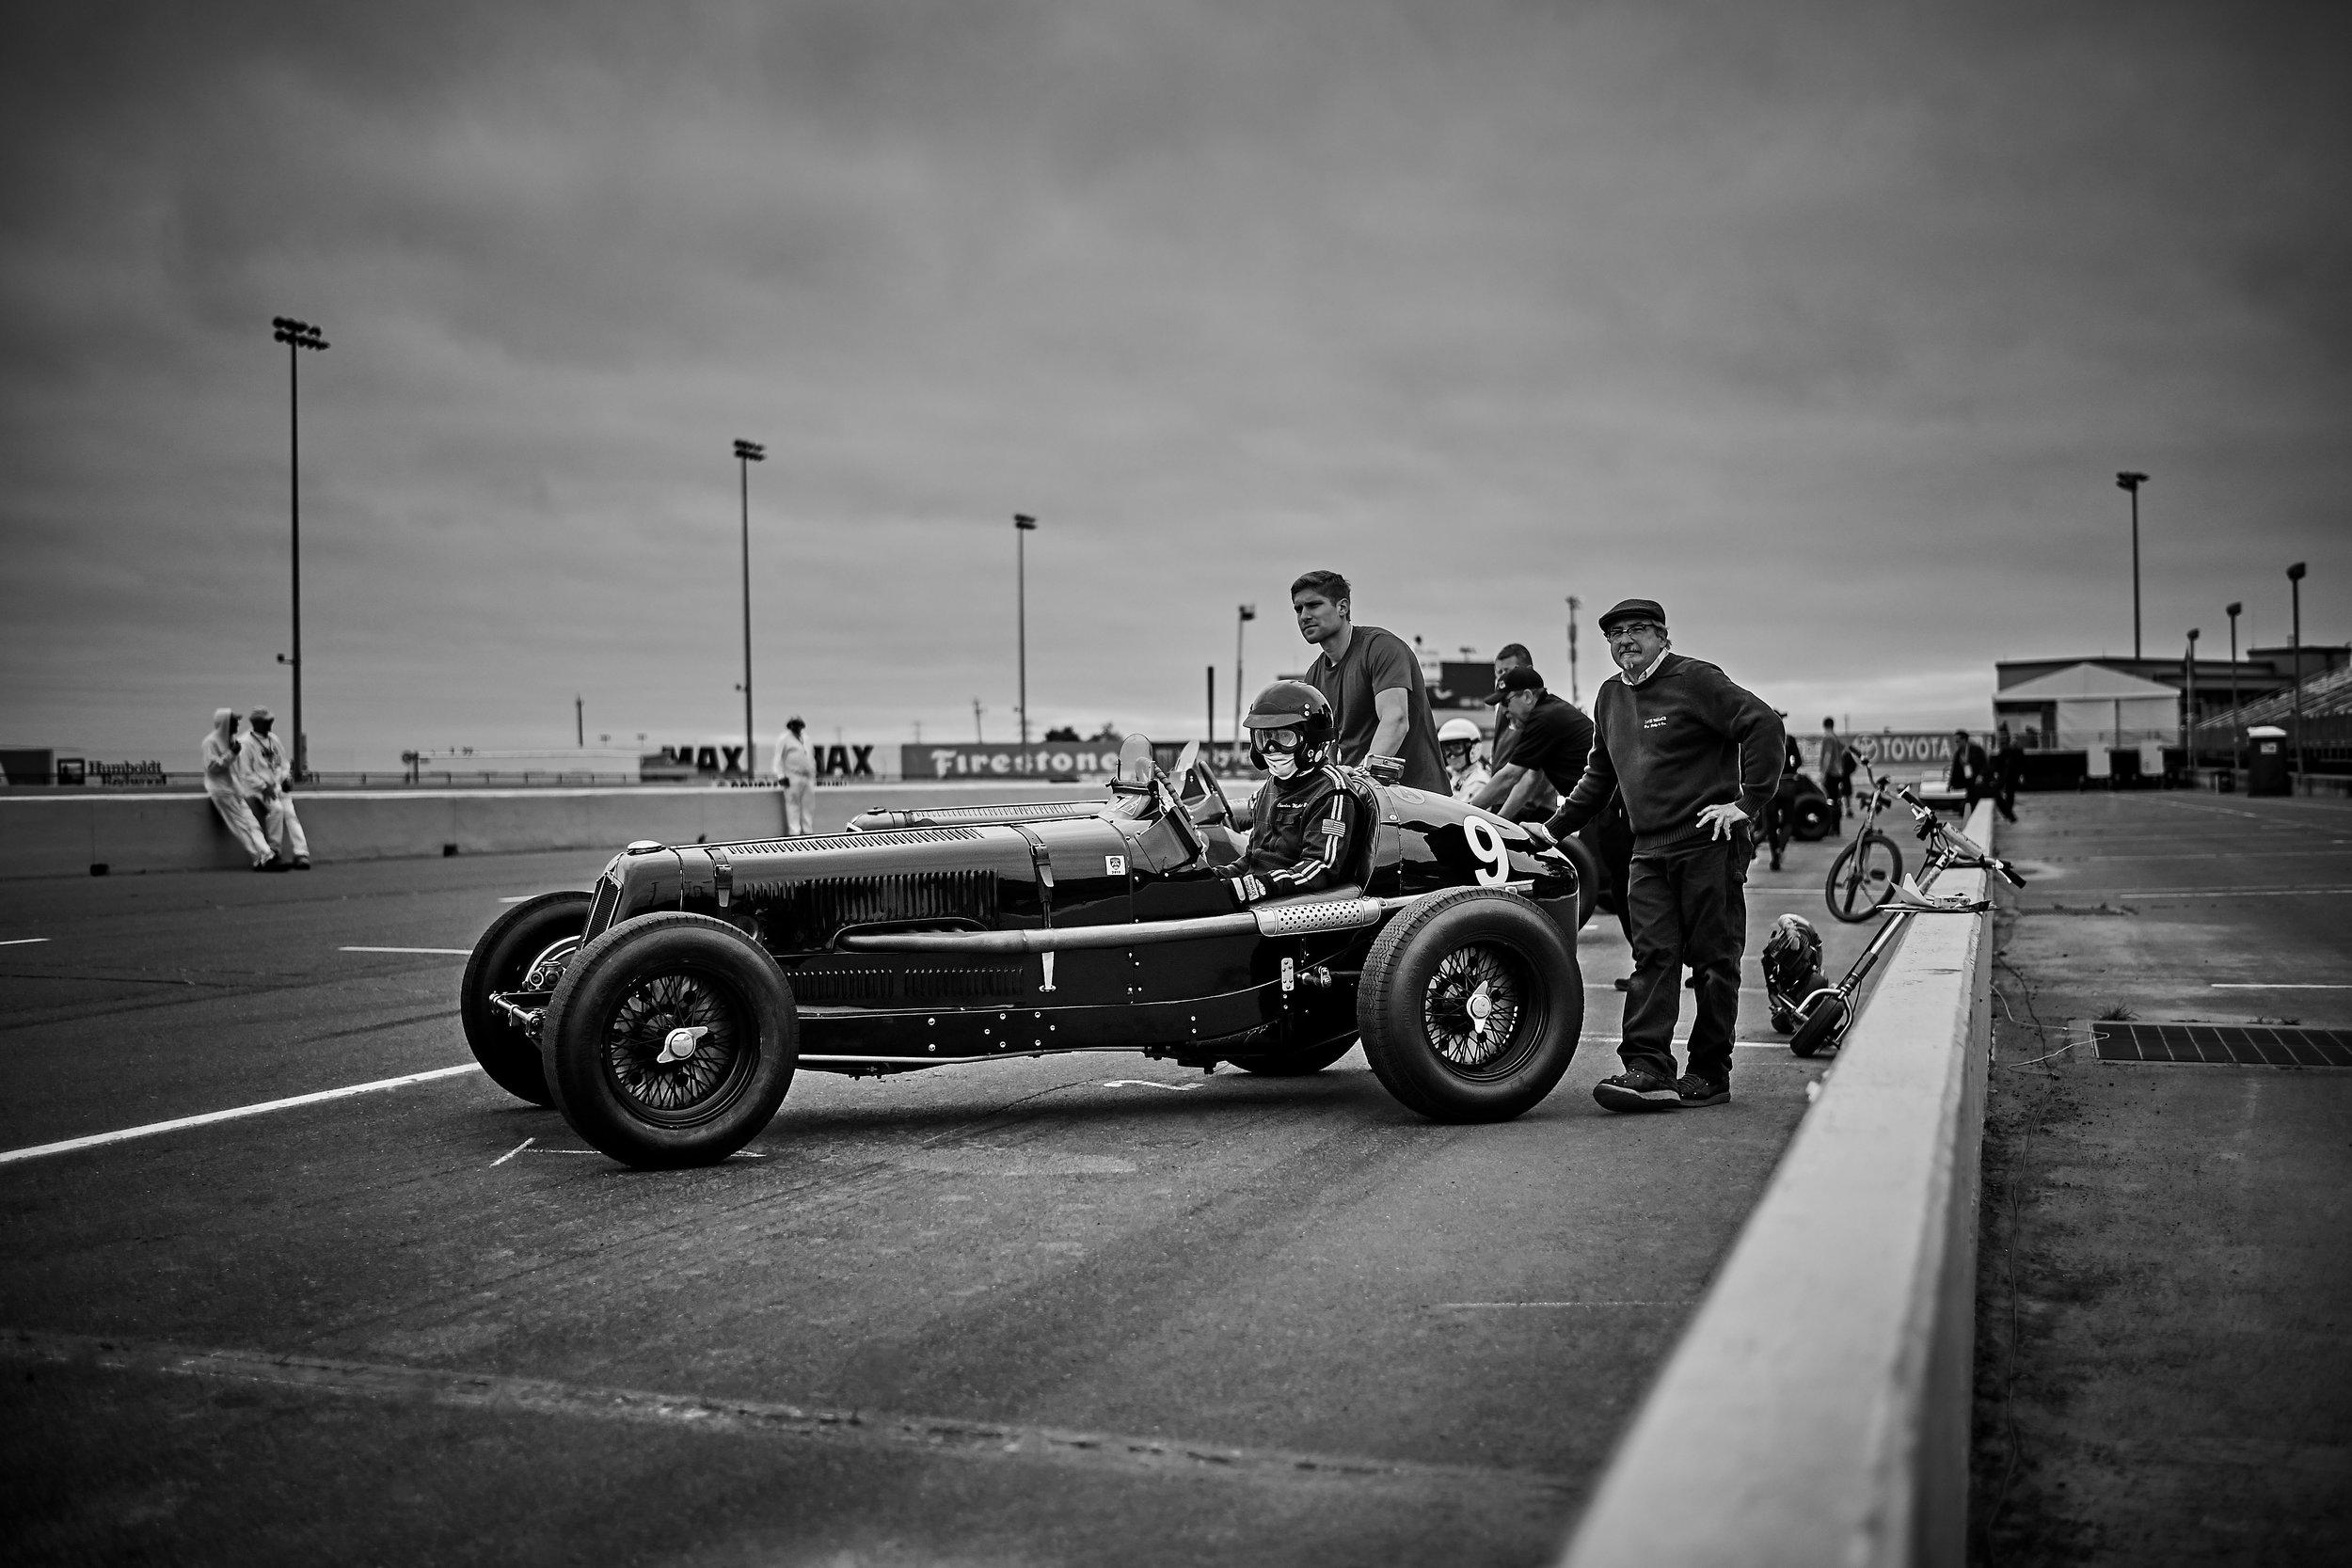 1936 ERA # R6B / Charles McCabe